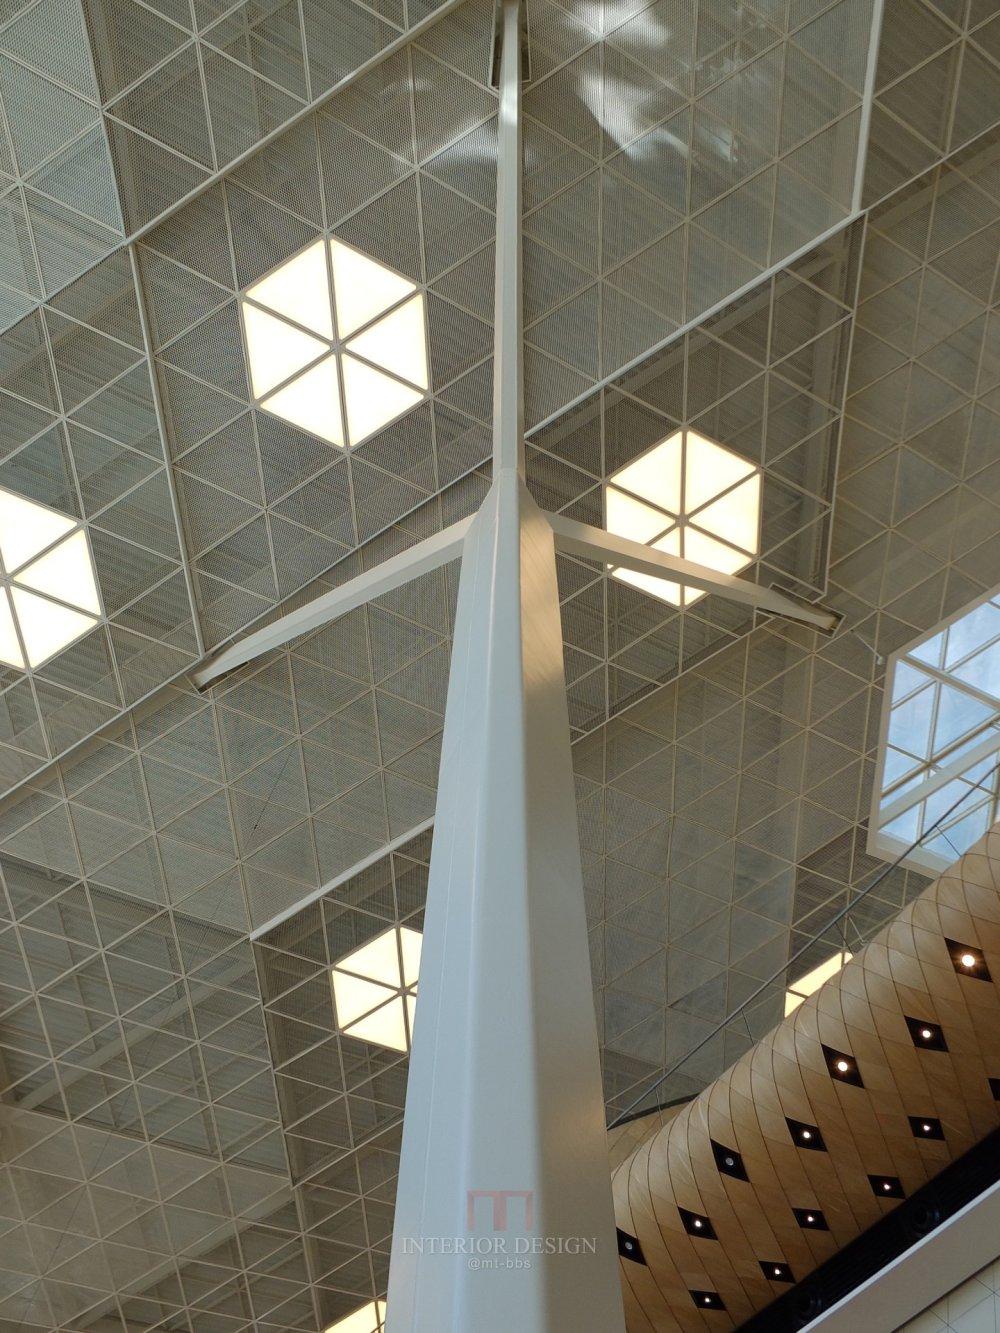 伍兹贝格建筑设计公司_7_72_9856_N666_screenhd.jpg